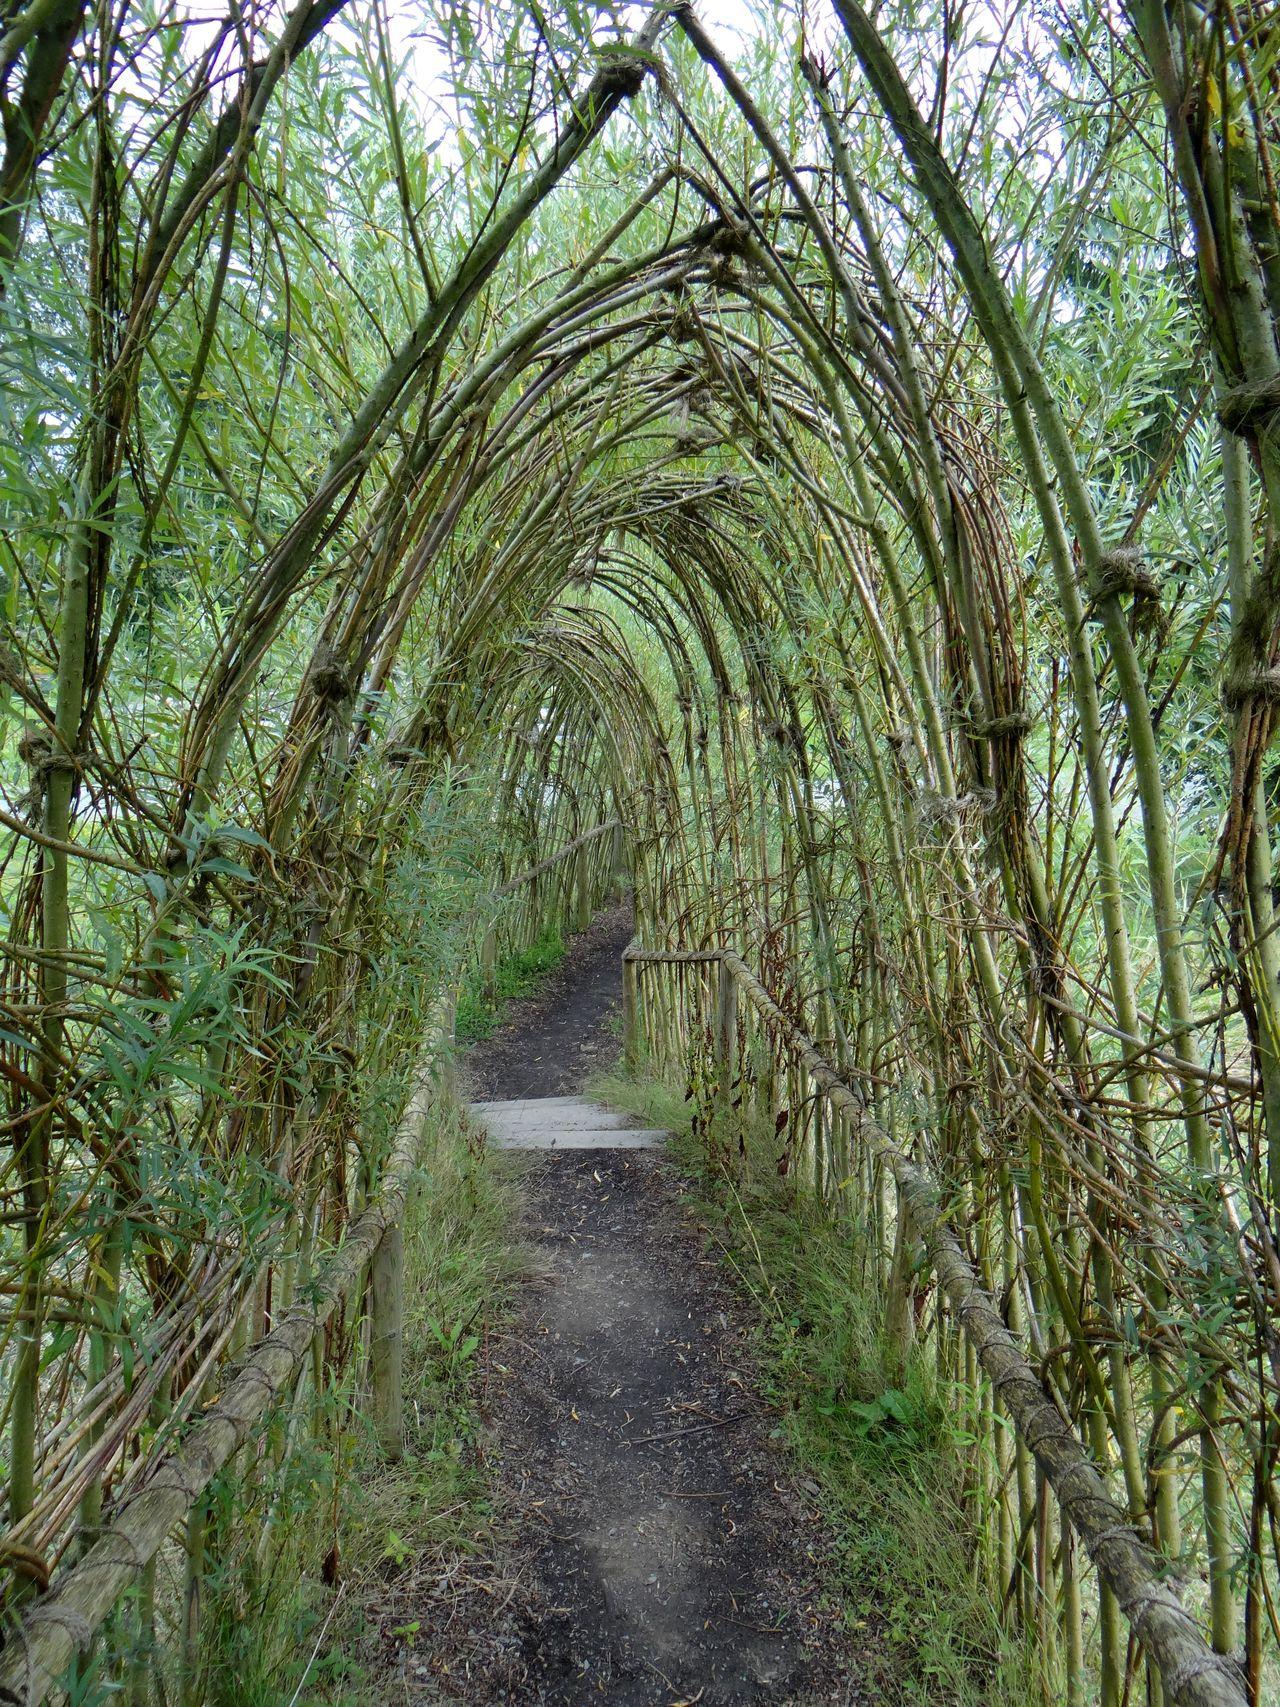 Weidentunnel auf Panarbora - sowas fehlt noch in meinem Garten! Green Architecture Day Forest Grass Growth Nature No People Outdoors Plant The Way Forward Tree Tunnel Walkway Willow Panarbora